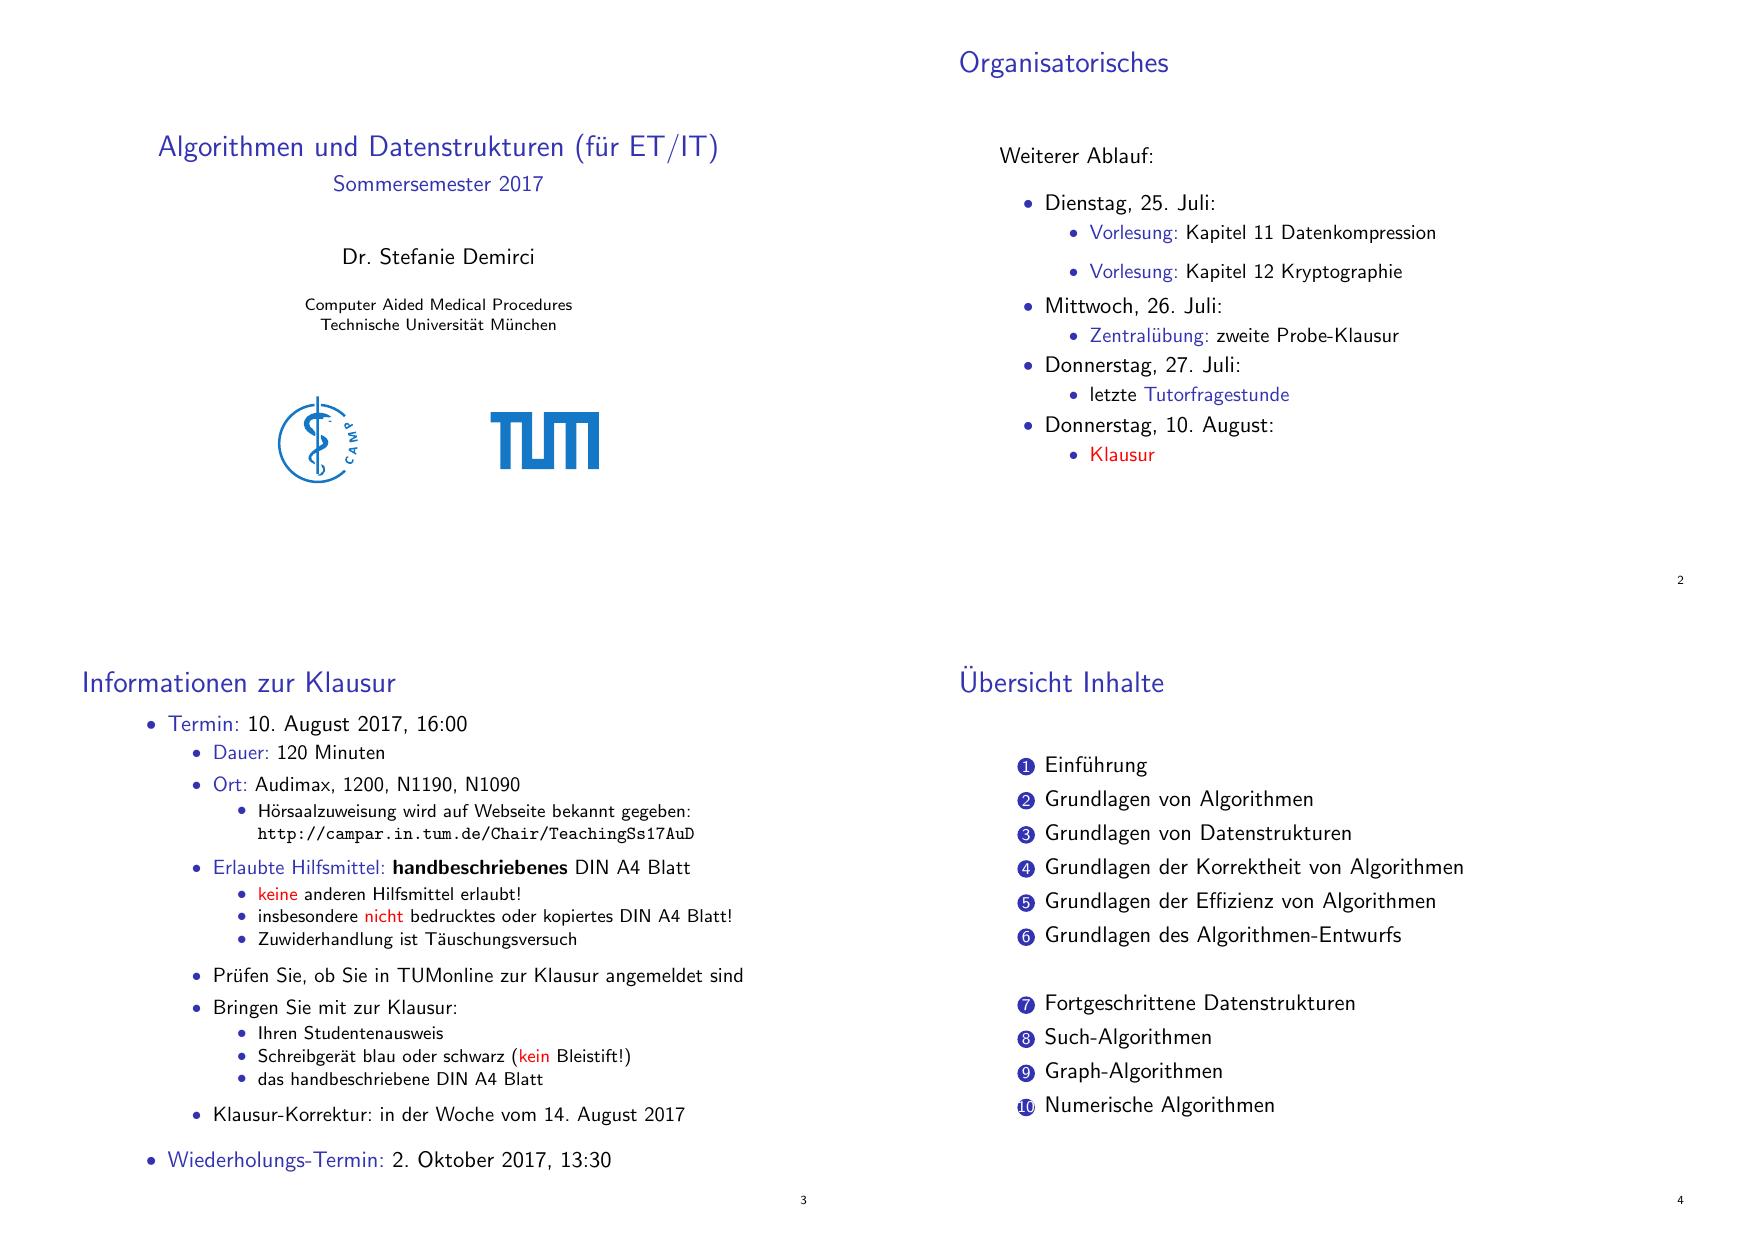 Algorithmen und Datenstrukturen (für ET/IT - CAMP-TUM